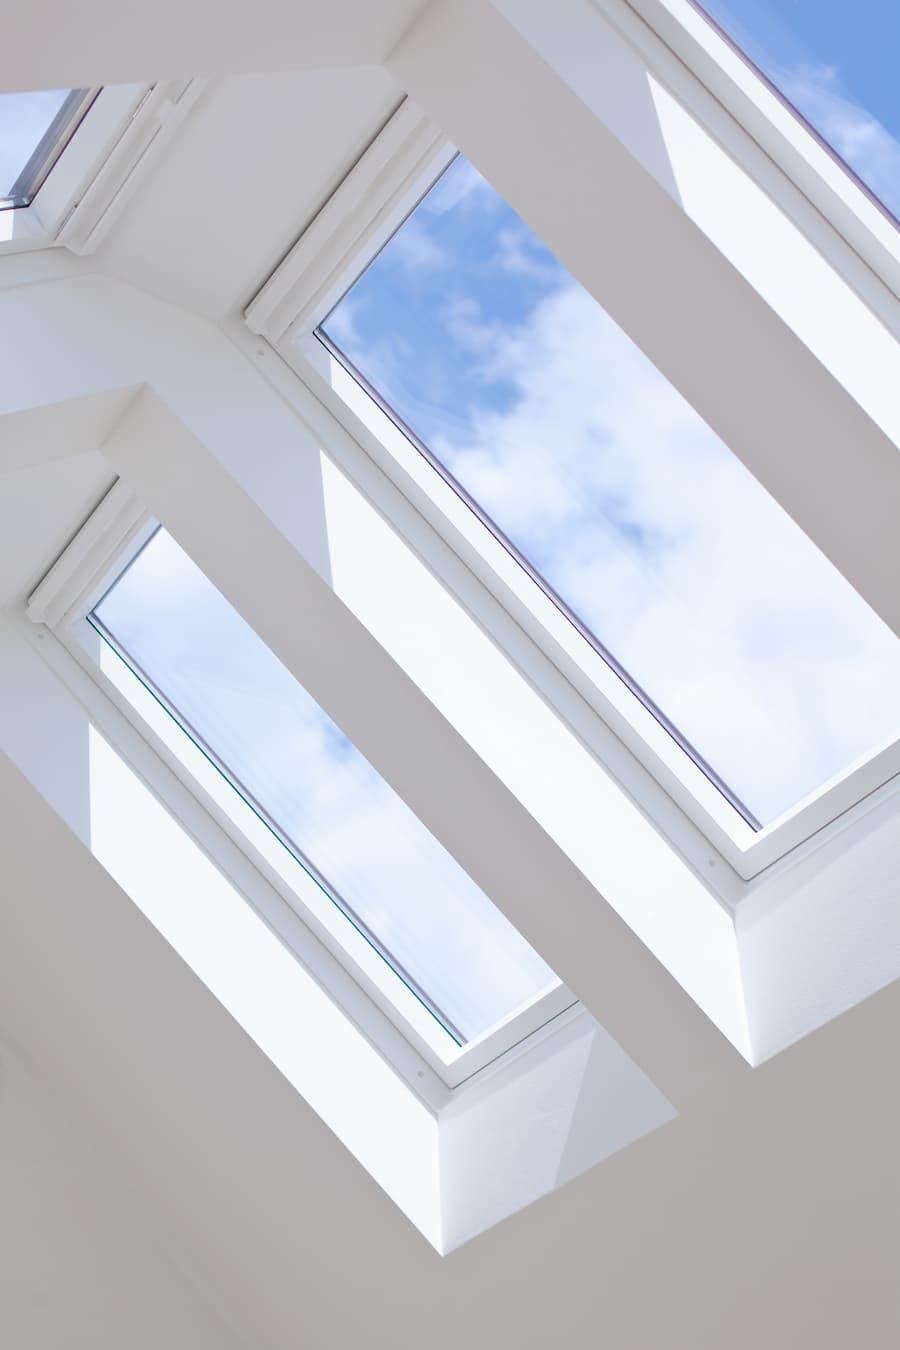 Dachflächenfenster © contrawerkstatt, stock.adobe.com